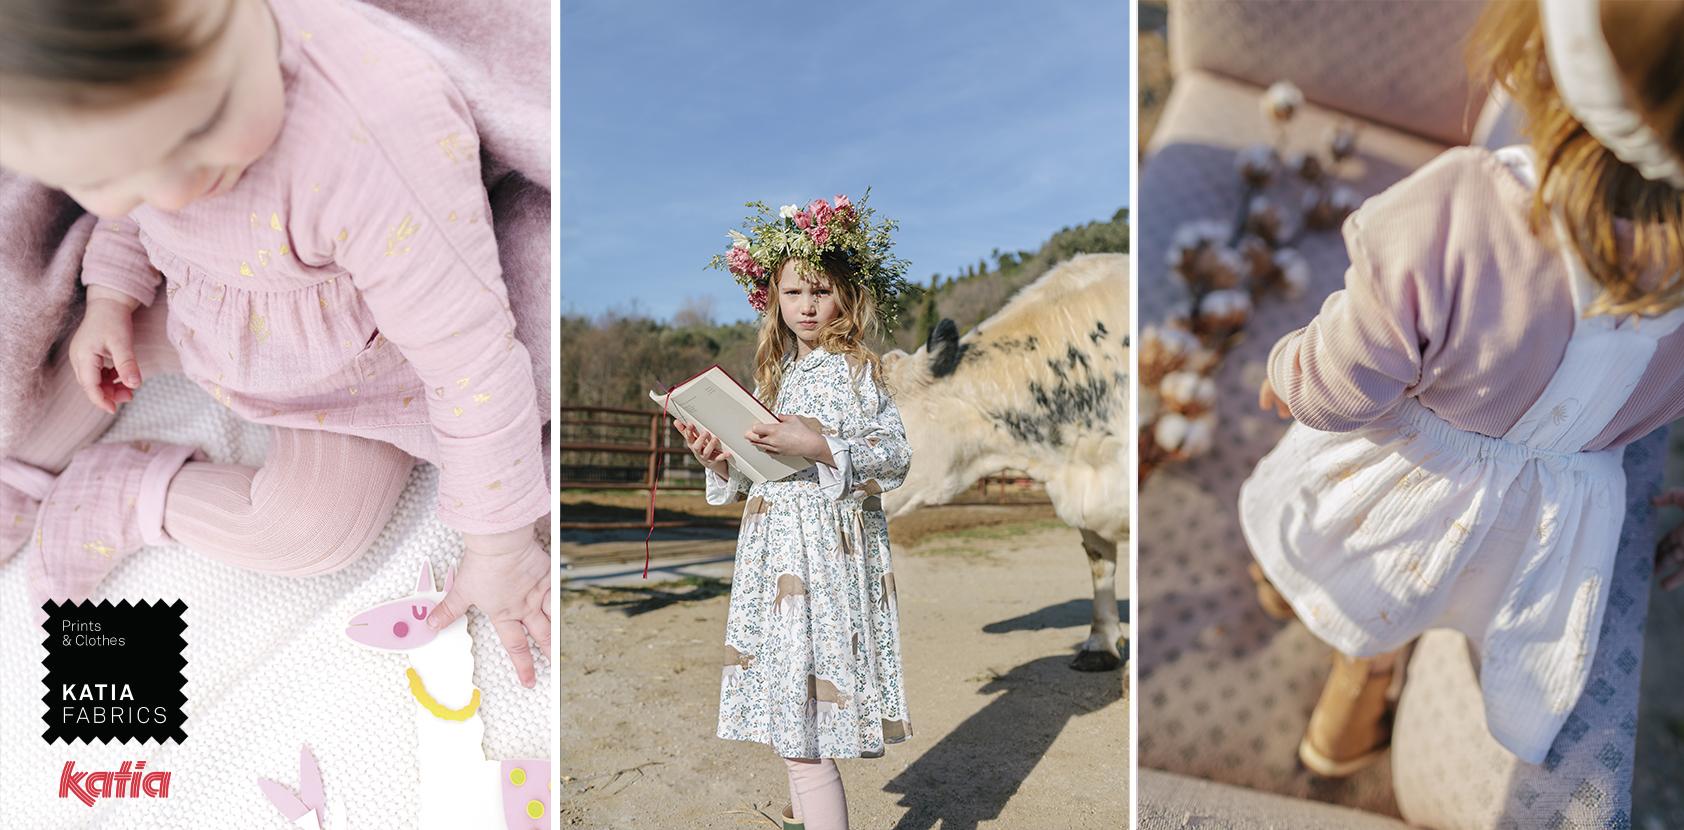 Katia Fabrics herfst- en wintercollectie 2020/2021 met stoffen geïnspireerd door onze lievelingssprookjes